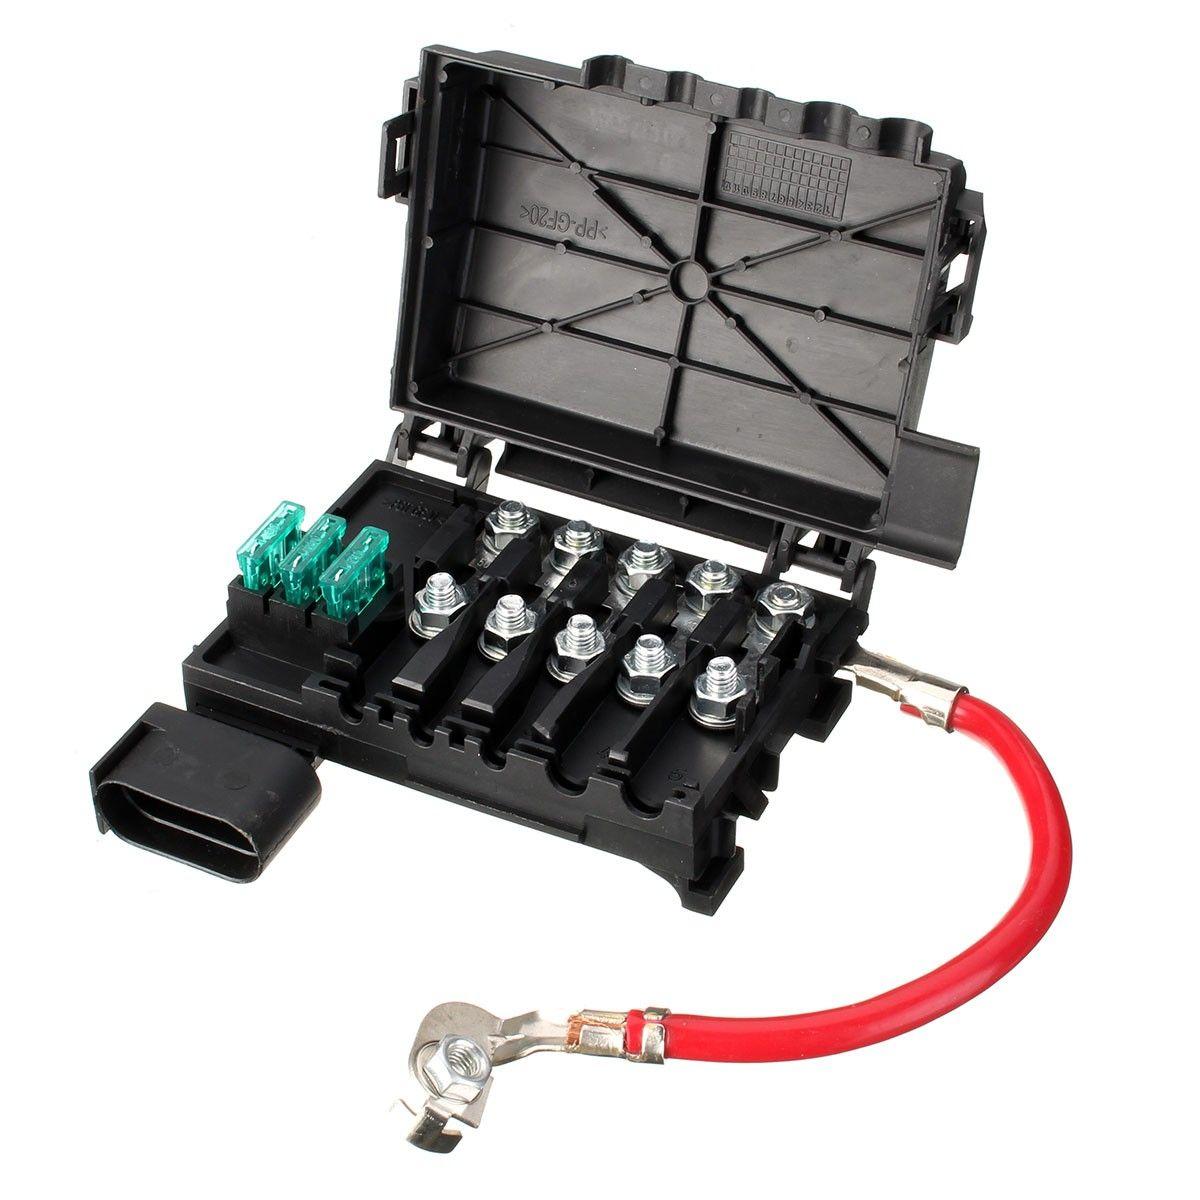 New Fuse Box for VW Beetle /Golf /Jetta 1J0937617D 1J0937550 1J0937550AA 1J0937550AB AC AD